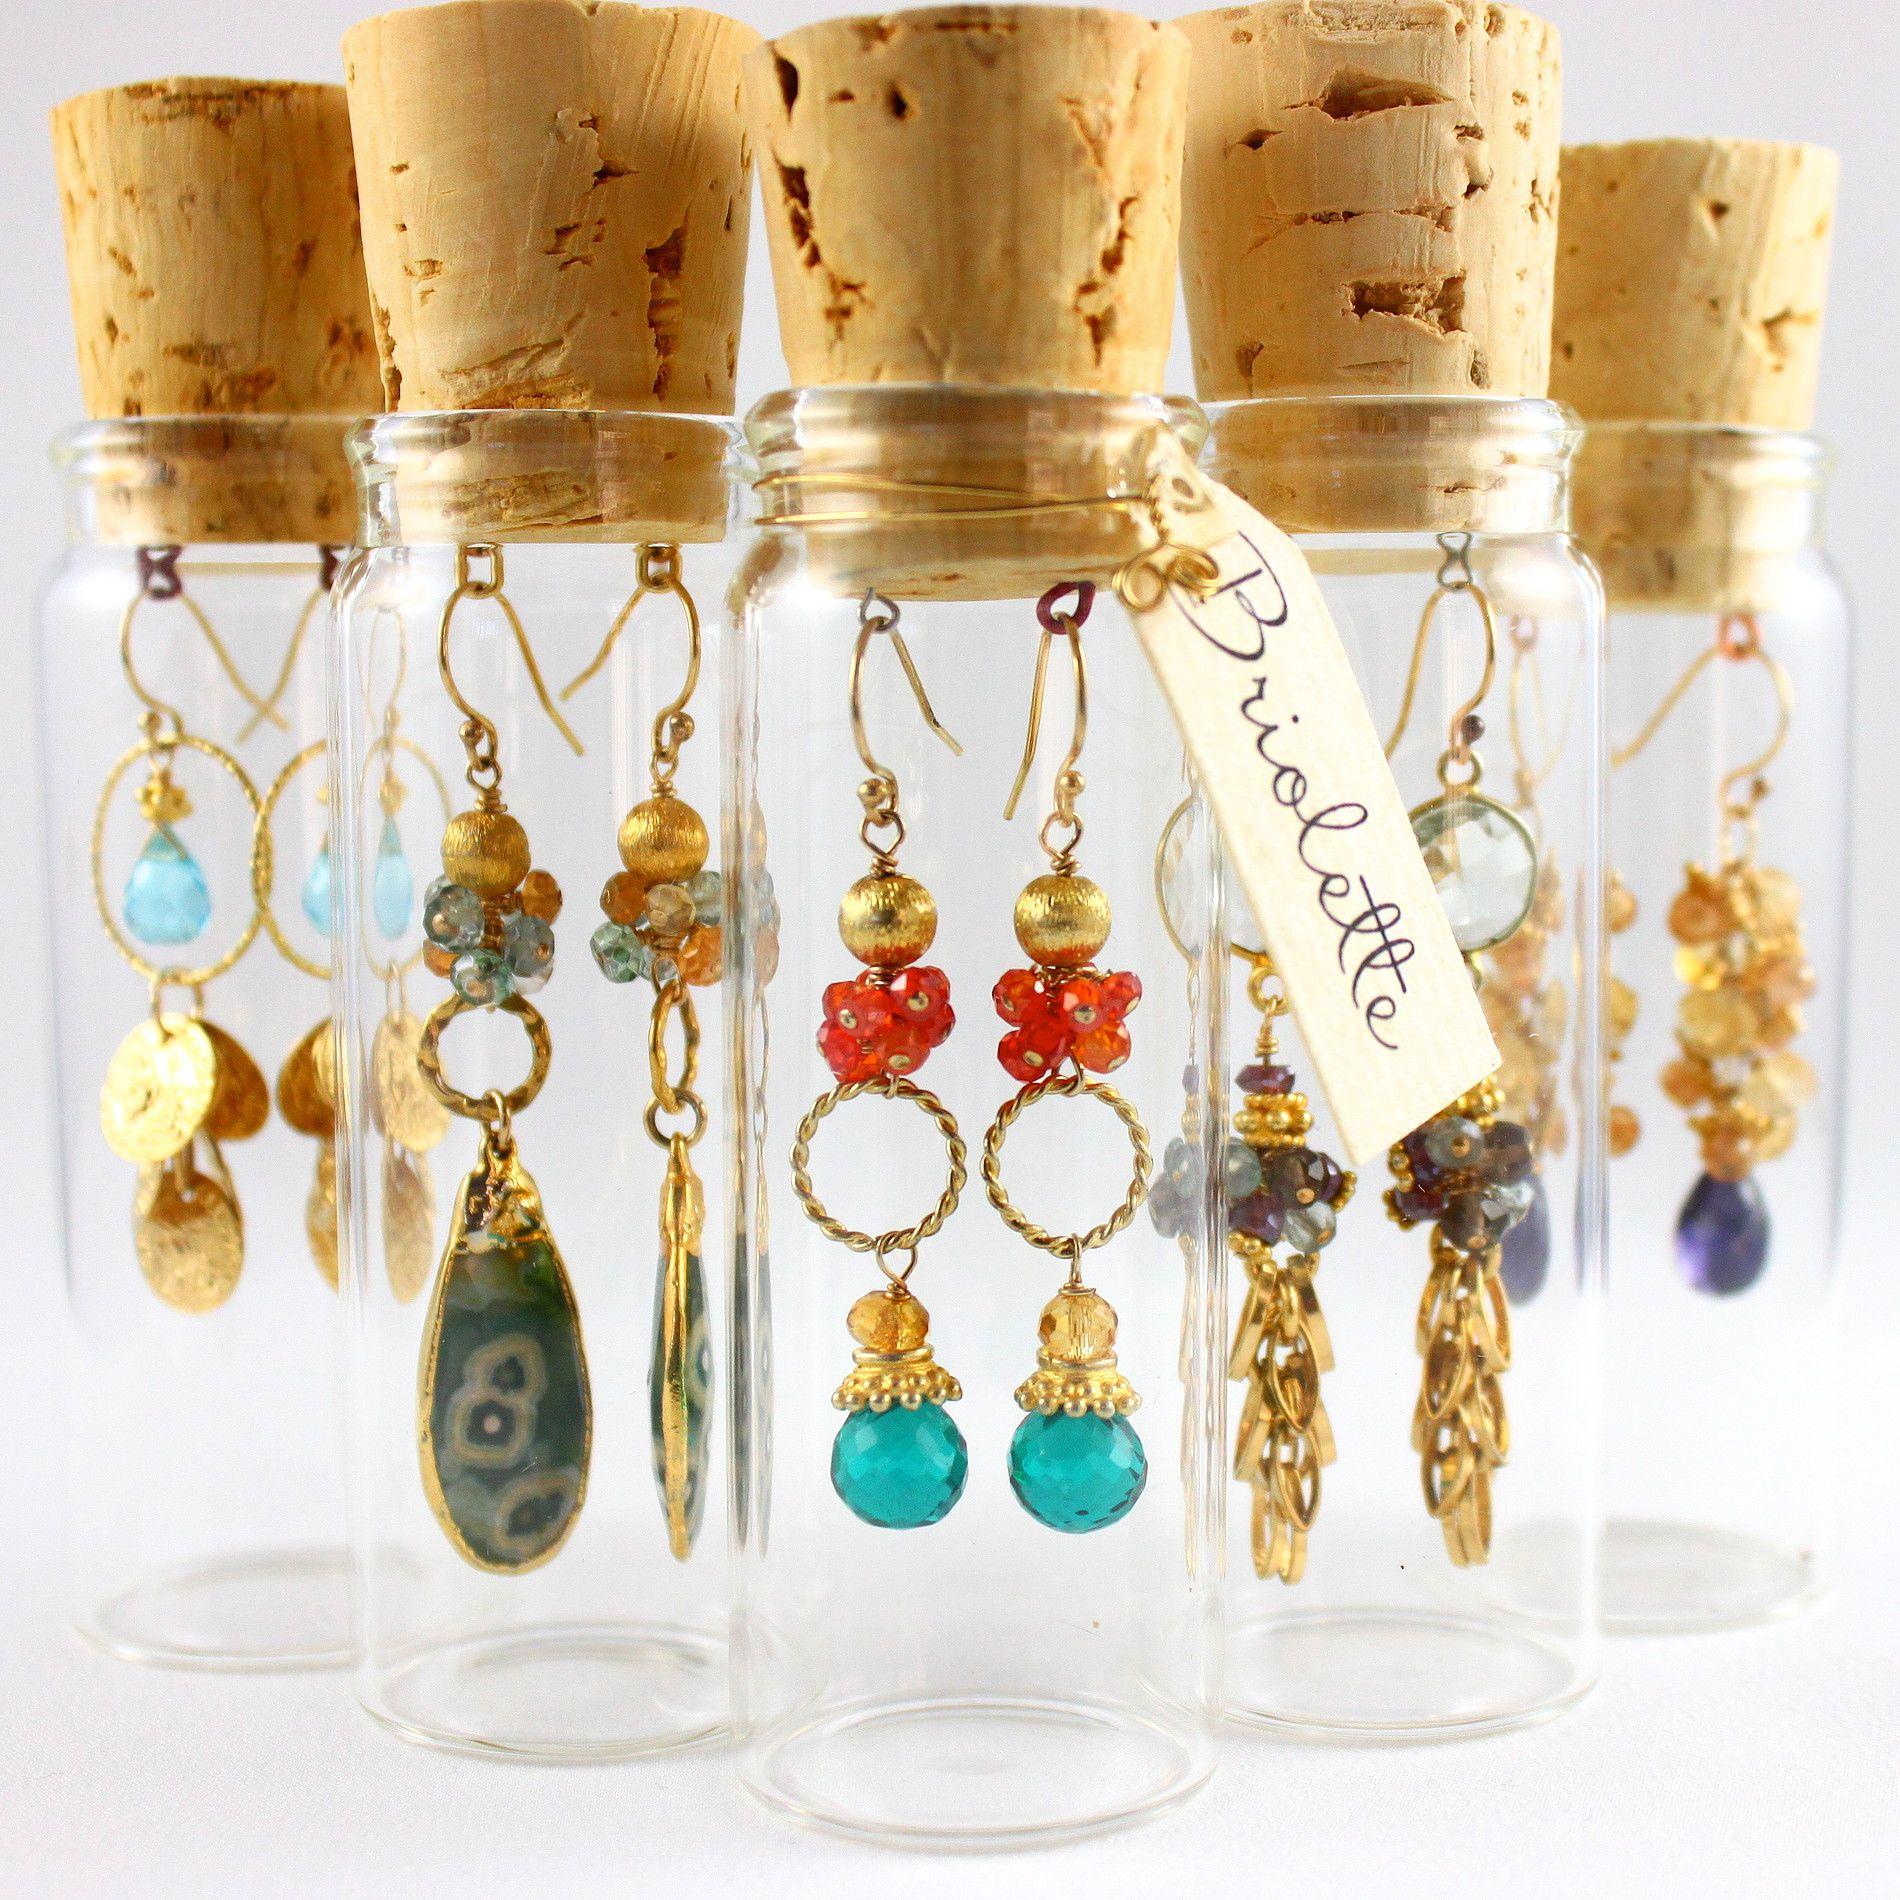 Idee Per Porta Orecchini briolette jewelry | exhibición de joyas, empaquetado de joyería